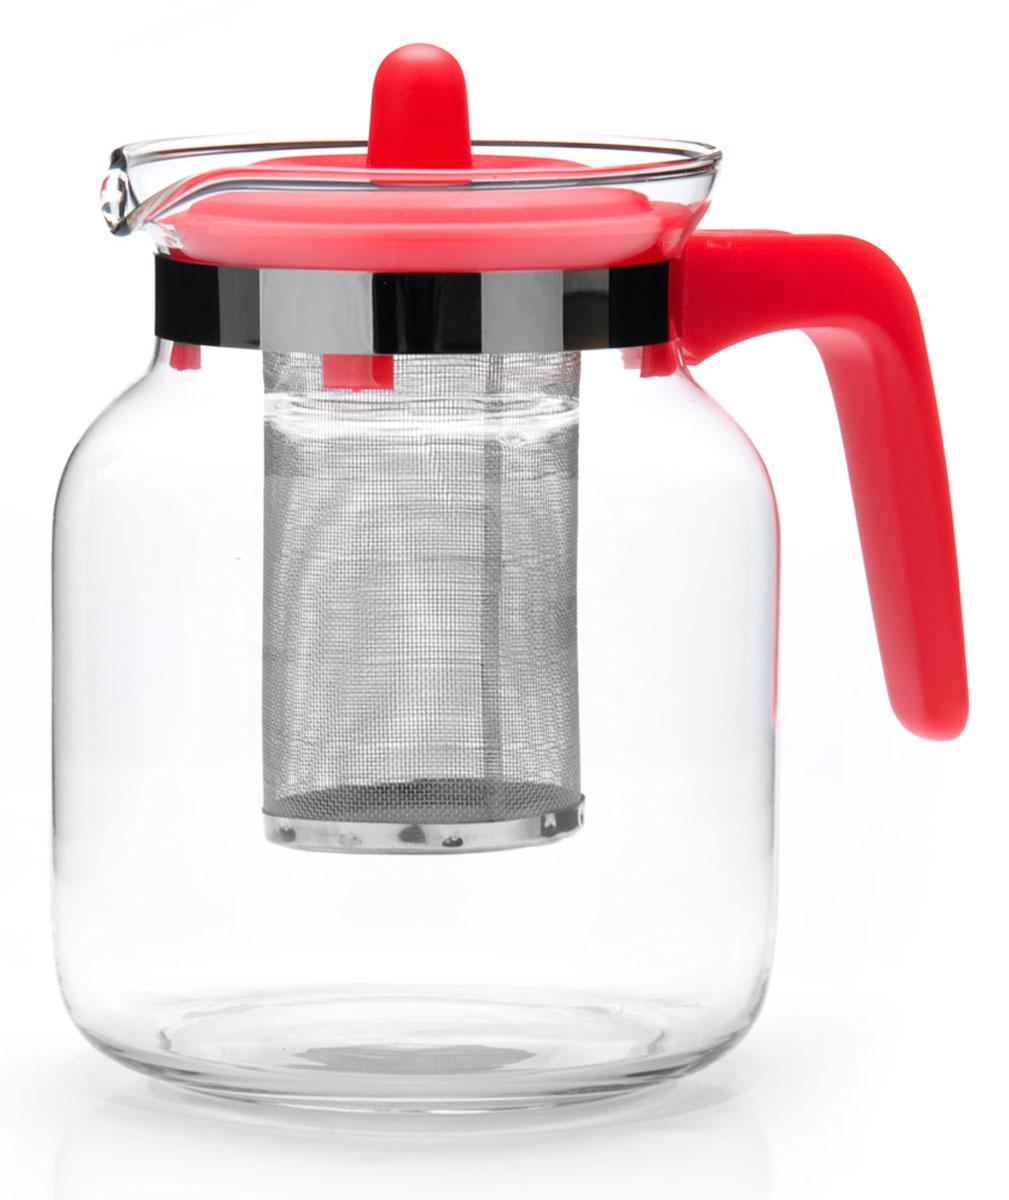 Чайник заварочный Mayer&Boch, 1,45 мл. 26808-226808-2Заварочный чайник MAYER&BOCH изготовлен из термостойкого боросиликатного стекла, фильтр выполнены из нержавеющей стали.Изделия из стекла не впитывают запахи, благодаря чему вы всегда получите натуральный, насыщенный вкус и аромат напитков. Заварочный чайник из стекла удобно использовать для повседневного заваривания чая практически любого сорта. Но цветочные, фруктовые, красные и желтые сорта чая лучше других раскрывают свой вкус и аромат при заваривании именно в стеклянных чайниках, а также сохраняют все полезные ферменты и витамины, содержащиеся в чайных листах. Стальной фильтр гарантирует прозрачность и чистоту напитка от чайных листьев, при этом сохранив букет и насыщенность чая. Прозрачные стенки чайника дают возможность насладиться насыщенным цветом заваренного чая. Изящный заварочный чайник MAYER&BOCH будет прекрасно смотреться в любом интерьере. Подходит для мытья в посудомоечной машине.